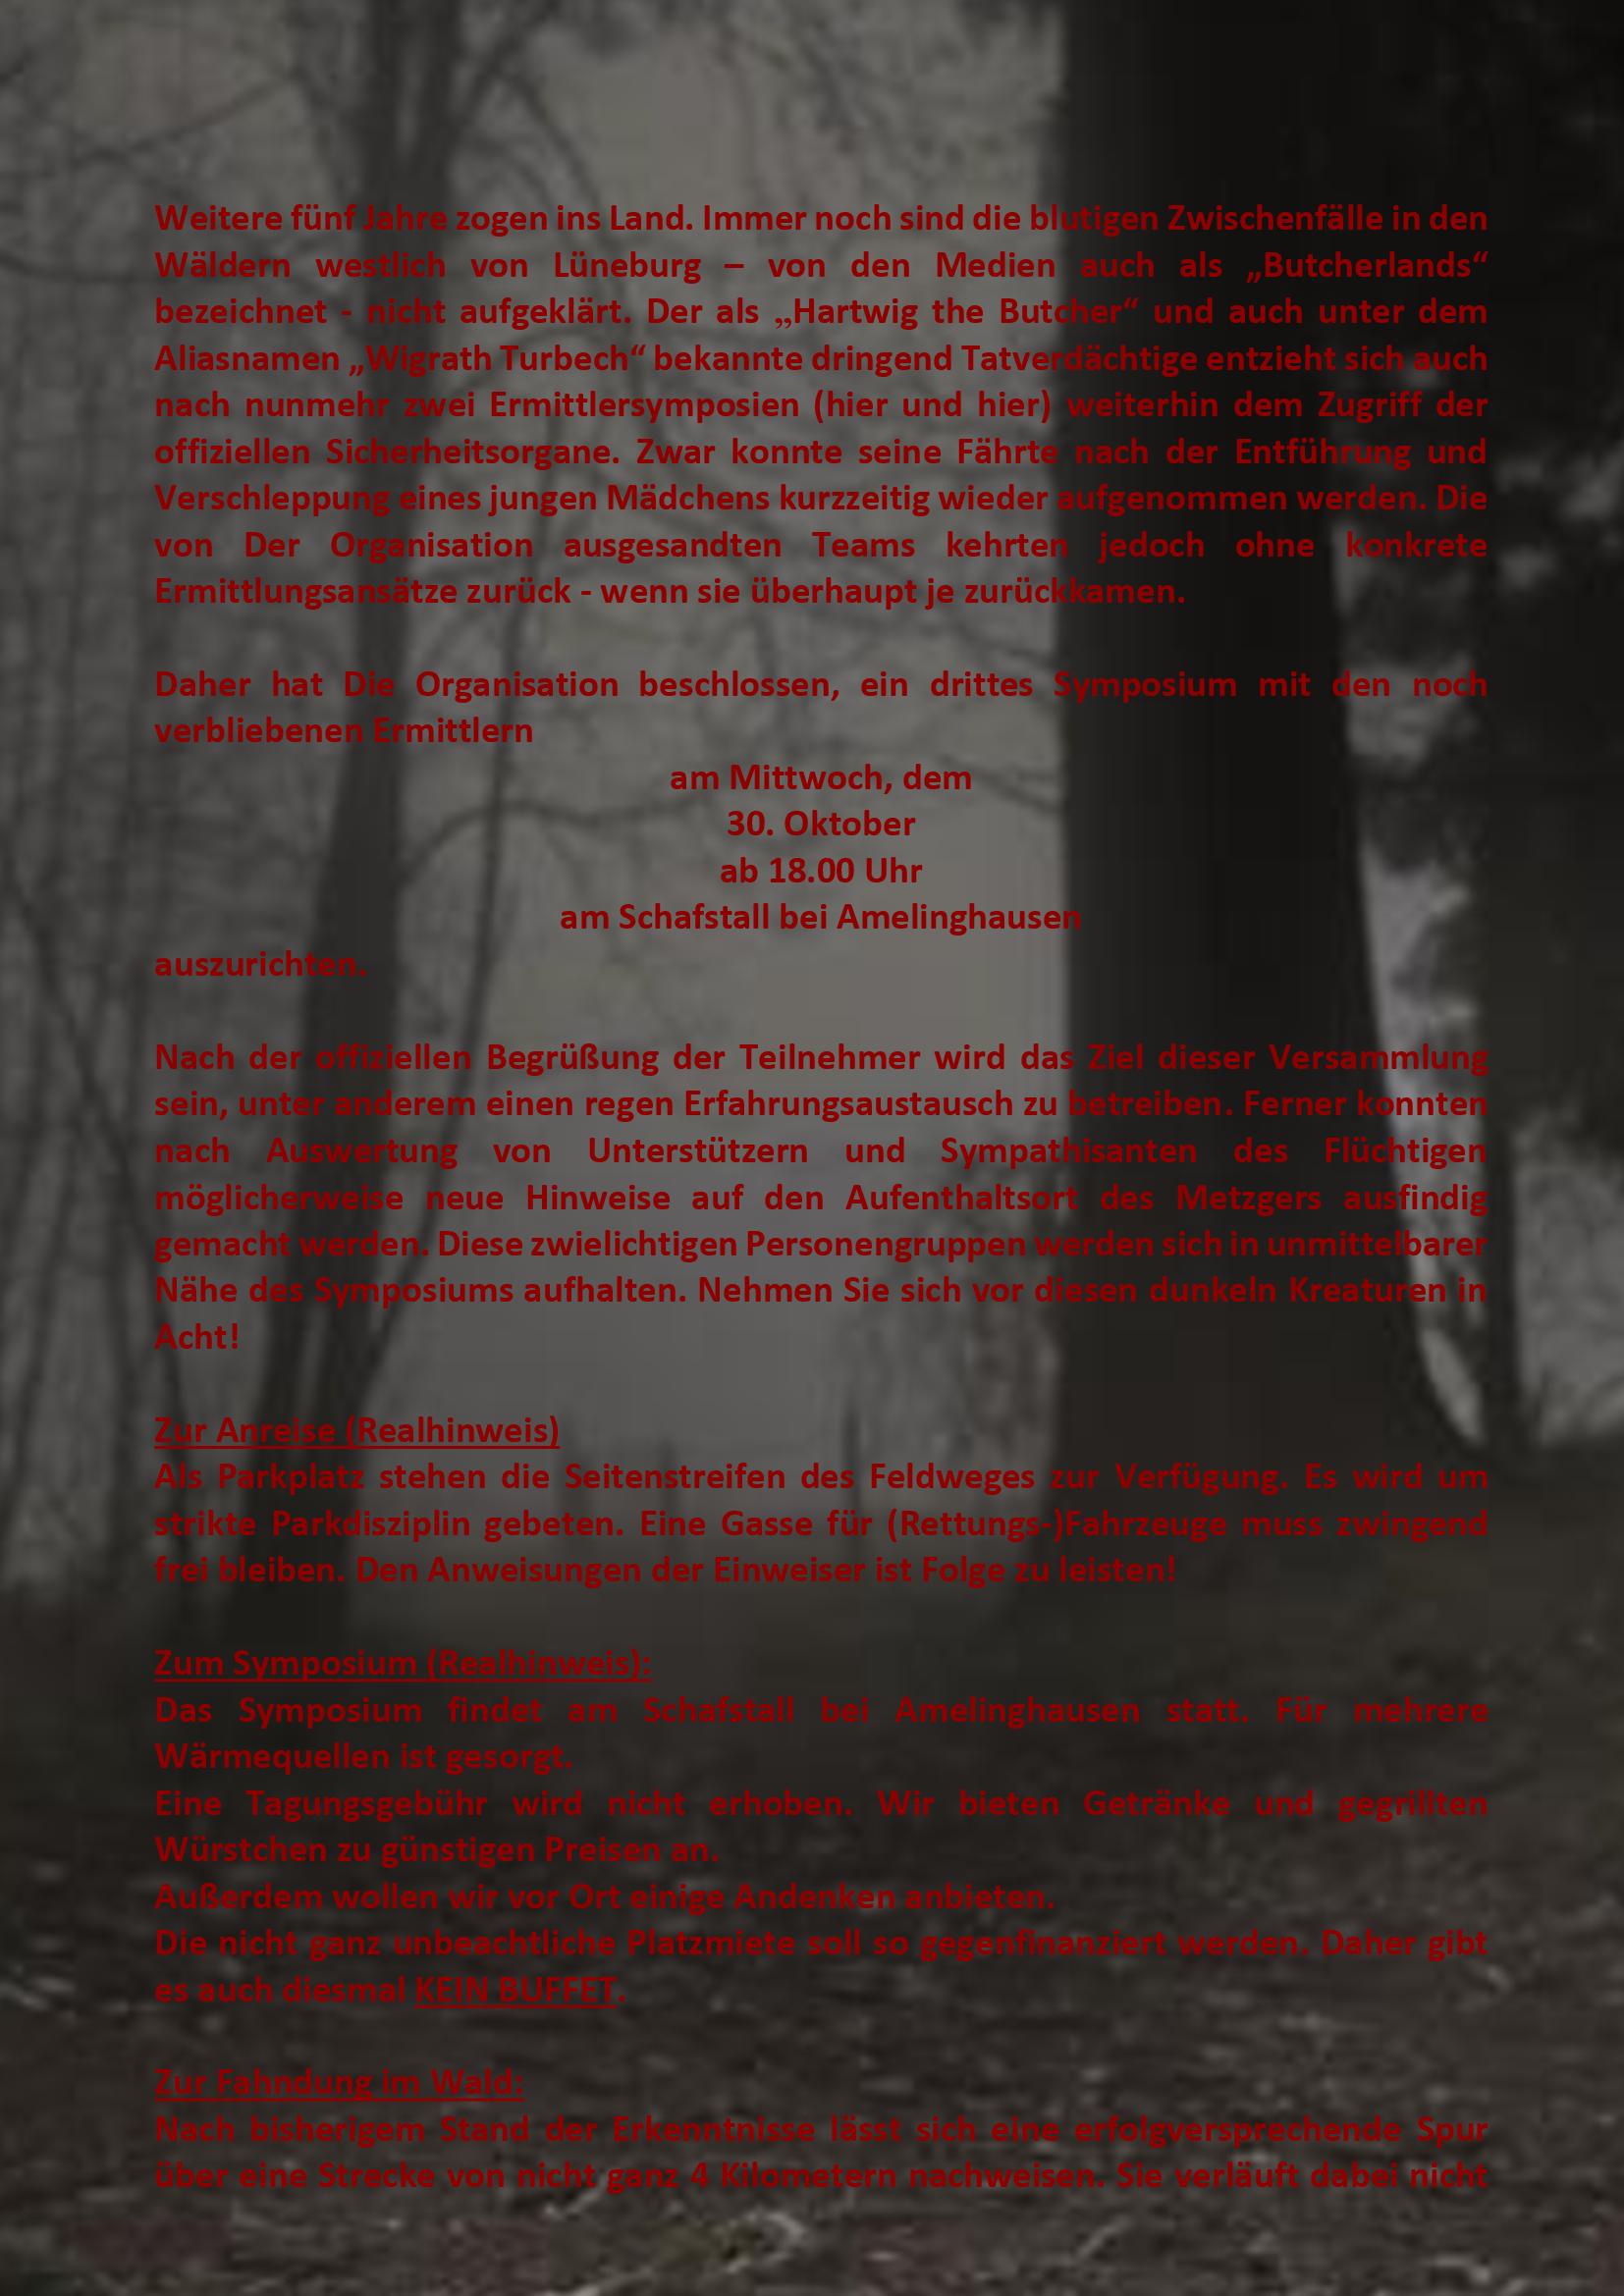 """Weitere fünf Jahre zogen ins Land. Immer noch sind die blutigen Zwischenfälle in den Wäldern westlich von Lüneburg – von den Medien auch als """"Butcherlands"""" bezeichnet - nicht aufgeklärt. Der als """"Hartwig the Butcher"""" und auch unter dem Aliasnamen """"Wigrath Turbech"""" bekannte dringend Tatverdächtige entzieht sich auch nach nunmehr zwei Ermittlersymposien (hier und hier) weiterhin dem Zugriff der offiziellen Sicherheitsorgane. Zwar konnte seine Fährte nach der Entführung und Verschleppung eines jungen Mädchens kurzzeitig wieder aufgenommen werden. Die von Der Organisation ausgesandten Teams kehrten jedoch ohne konkrete Ermittlungsansätze zurück - wenn sie überhaupt je zurückkamen."""